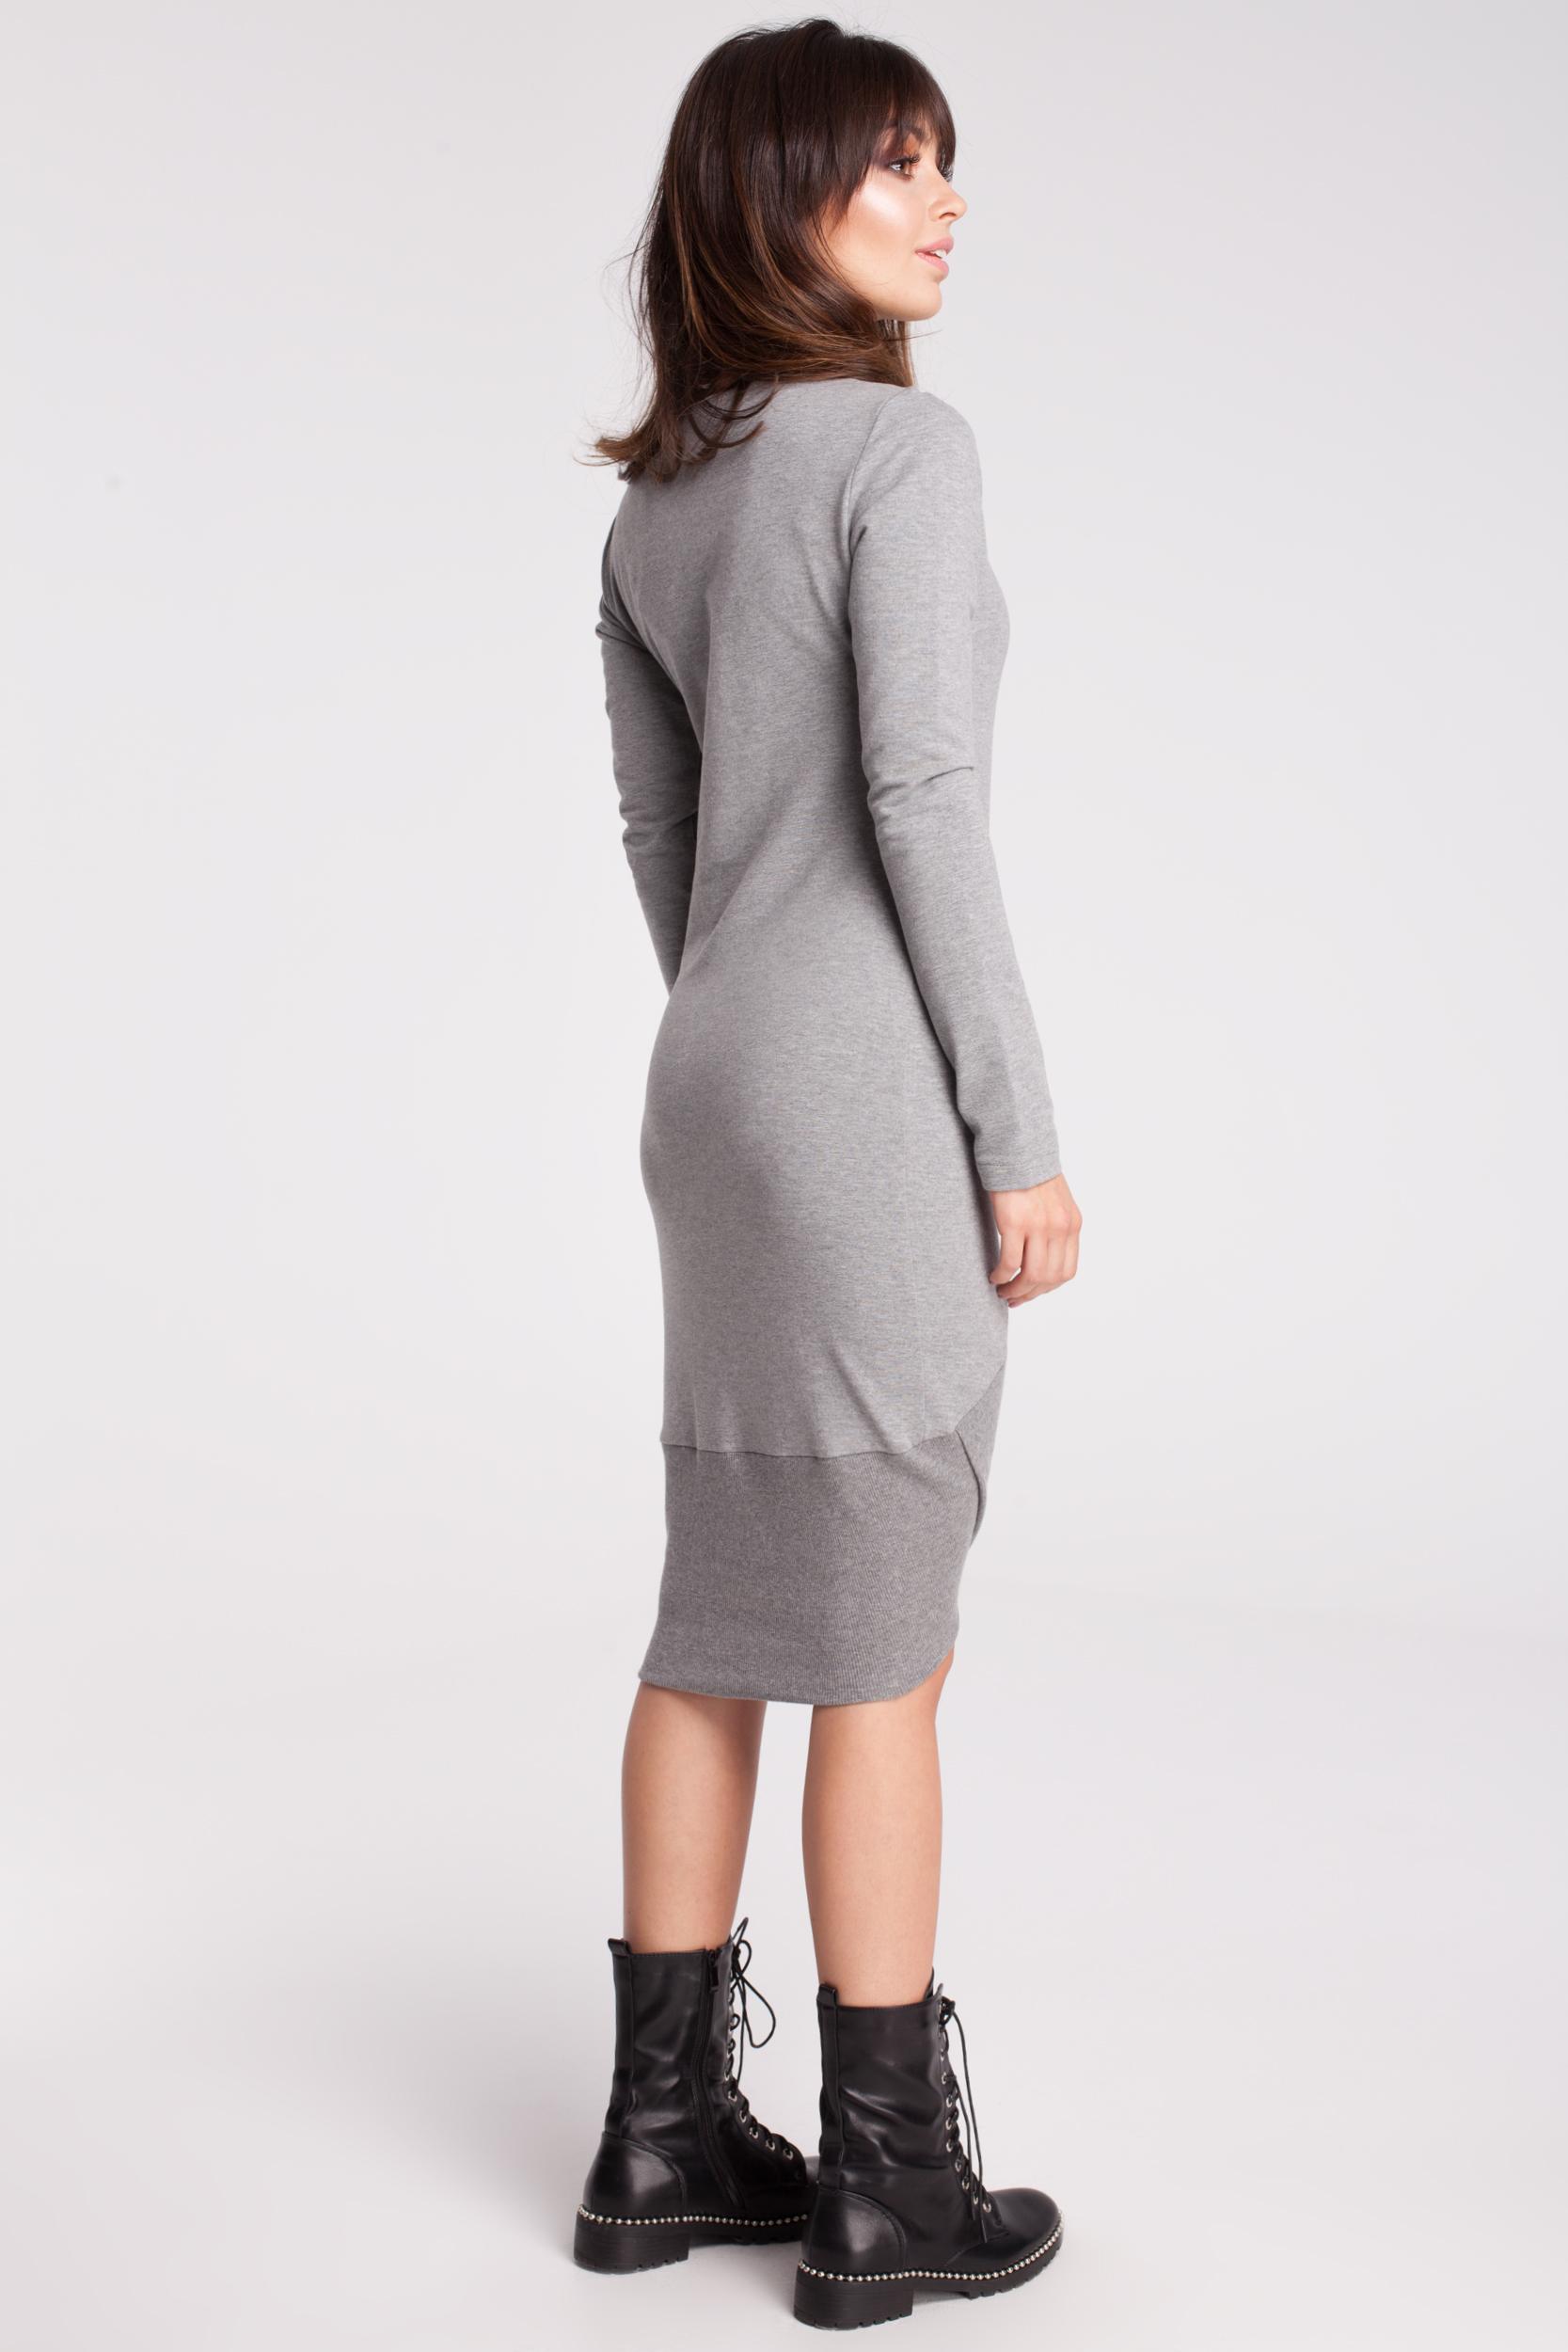 CM2786 Asymetryczna dresowa sukienka - szara OUTLET